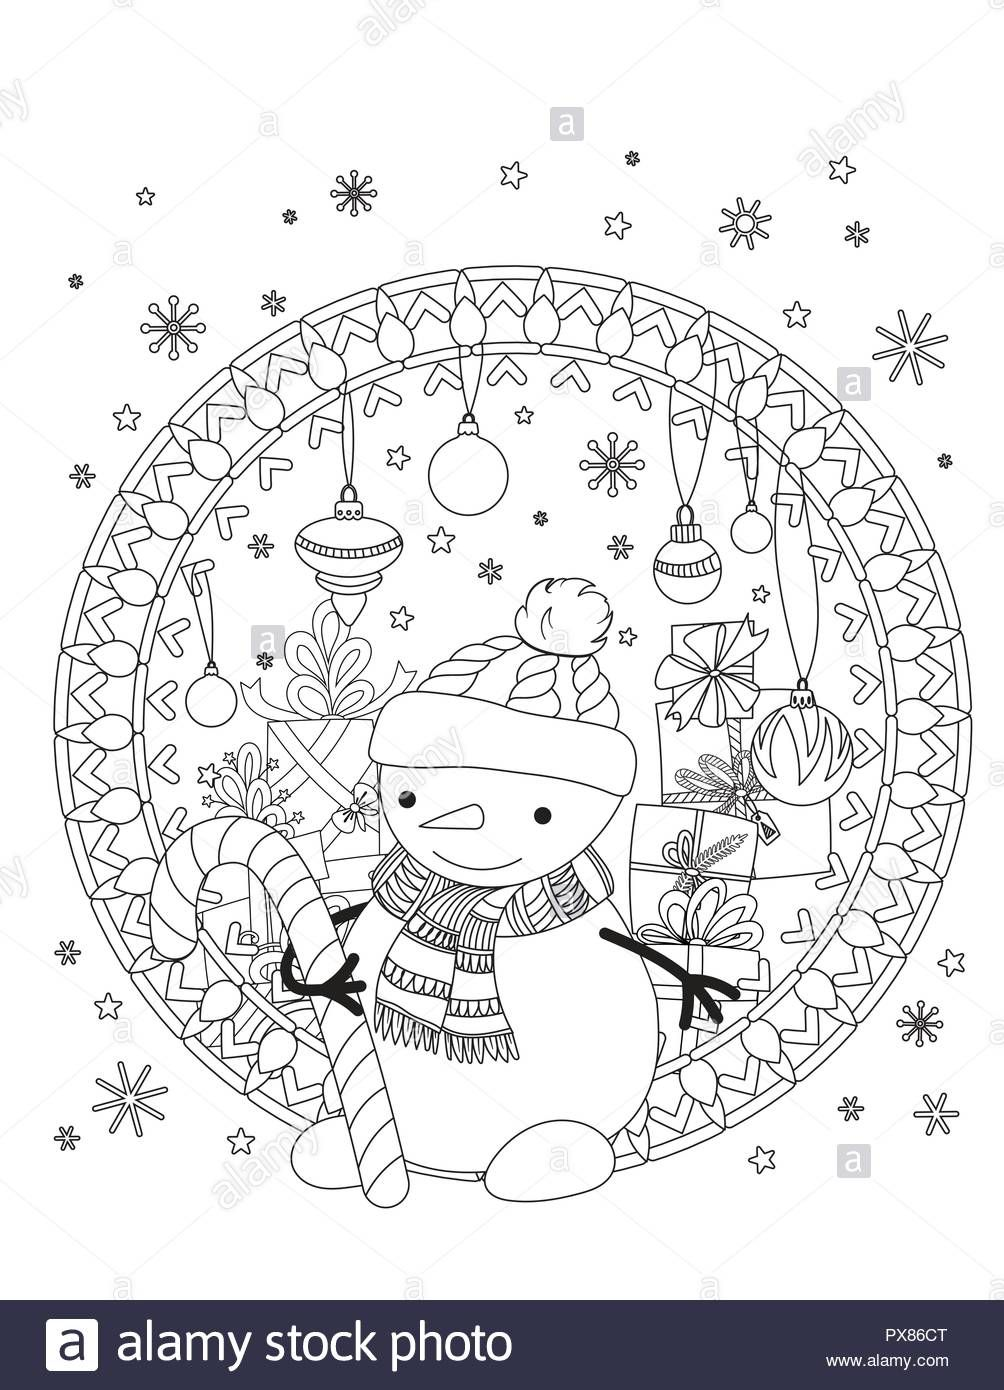 Pin On Lavori Natale Scuola Media